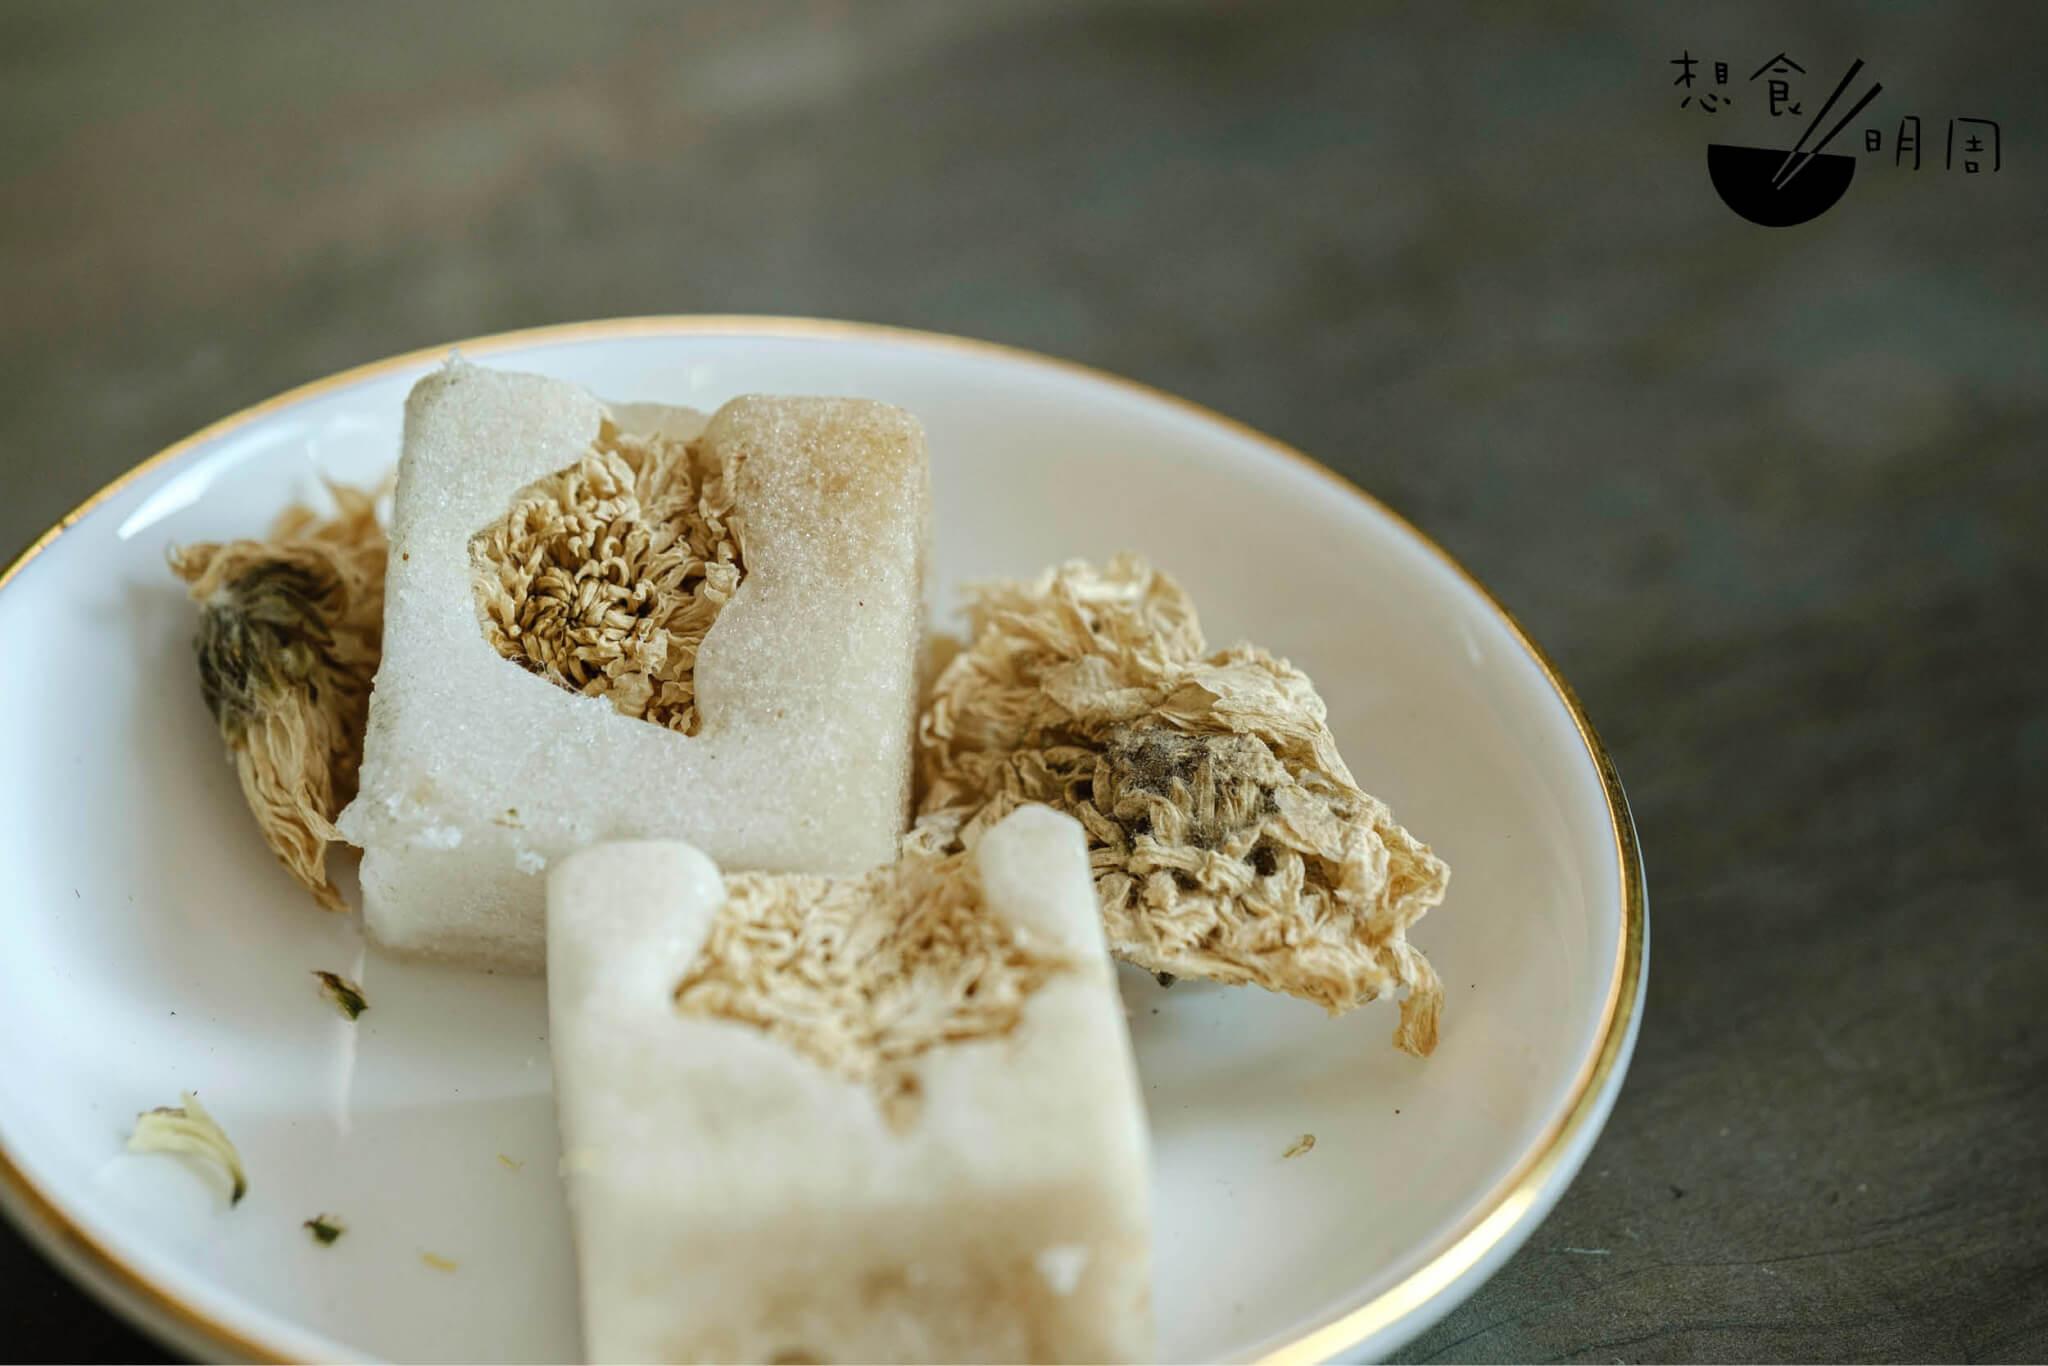 一磚杭菊糖磚,泡浸一杯份量剛好,方便之餘亦清香微甜。